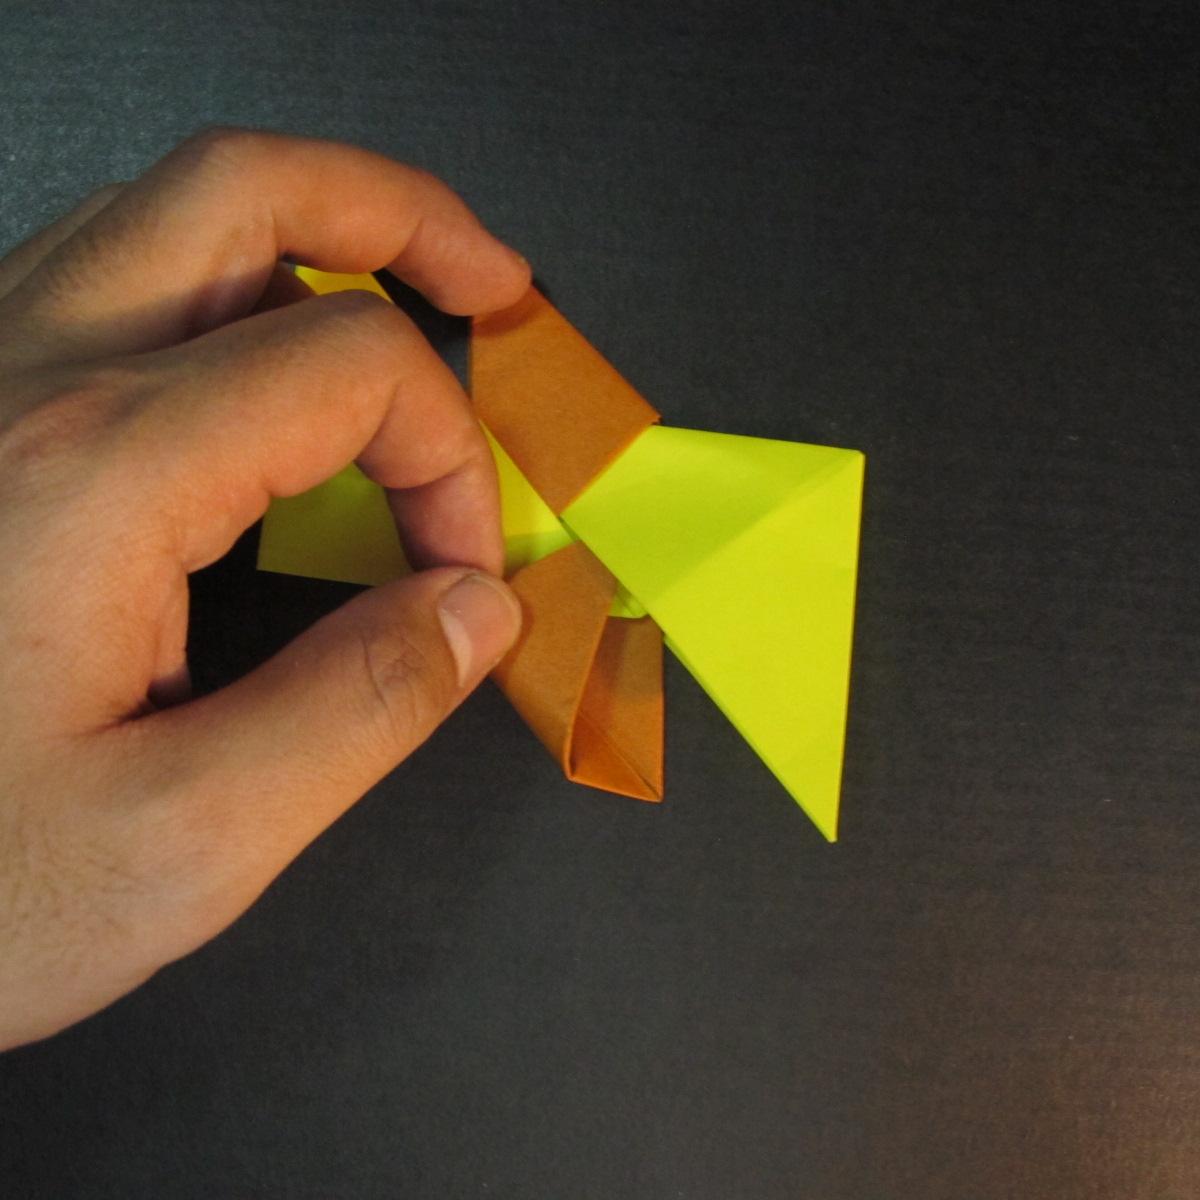 สอนวิธีพับกระดาษเป็นดาวกระจายนินจา (Shuriken Origami) - 012